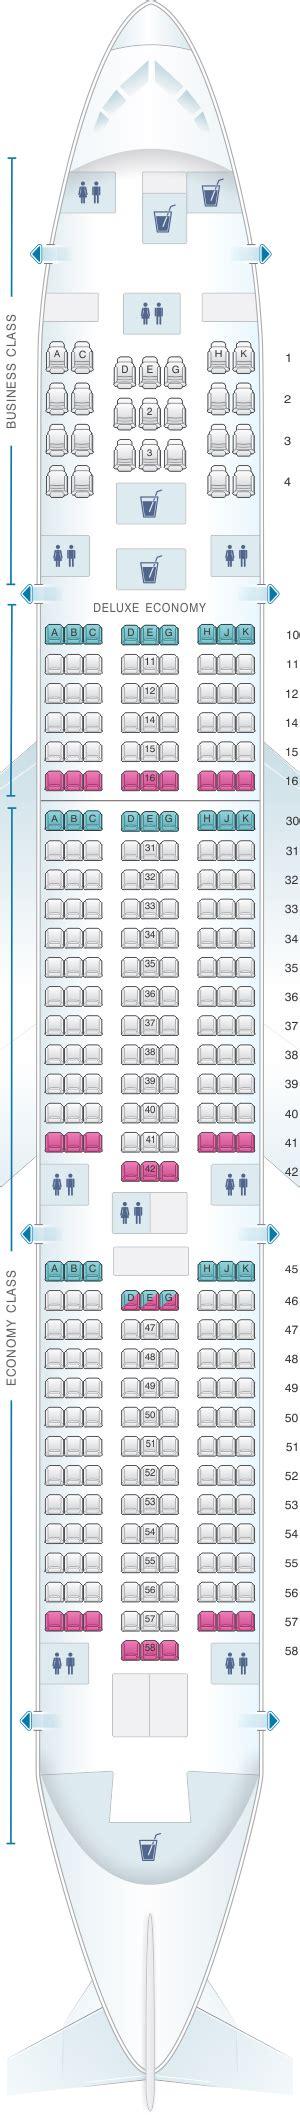 siege boeing 777 plan de cabine airlines boeing b777 200er